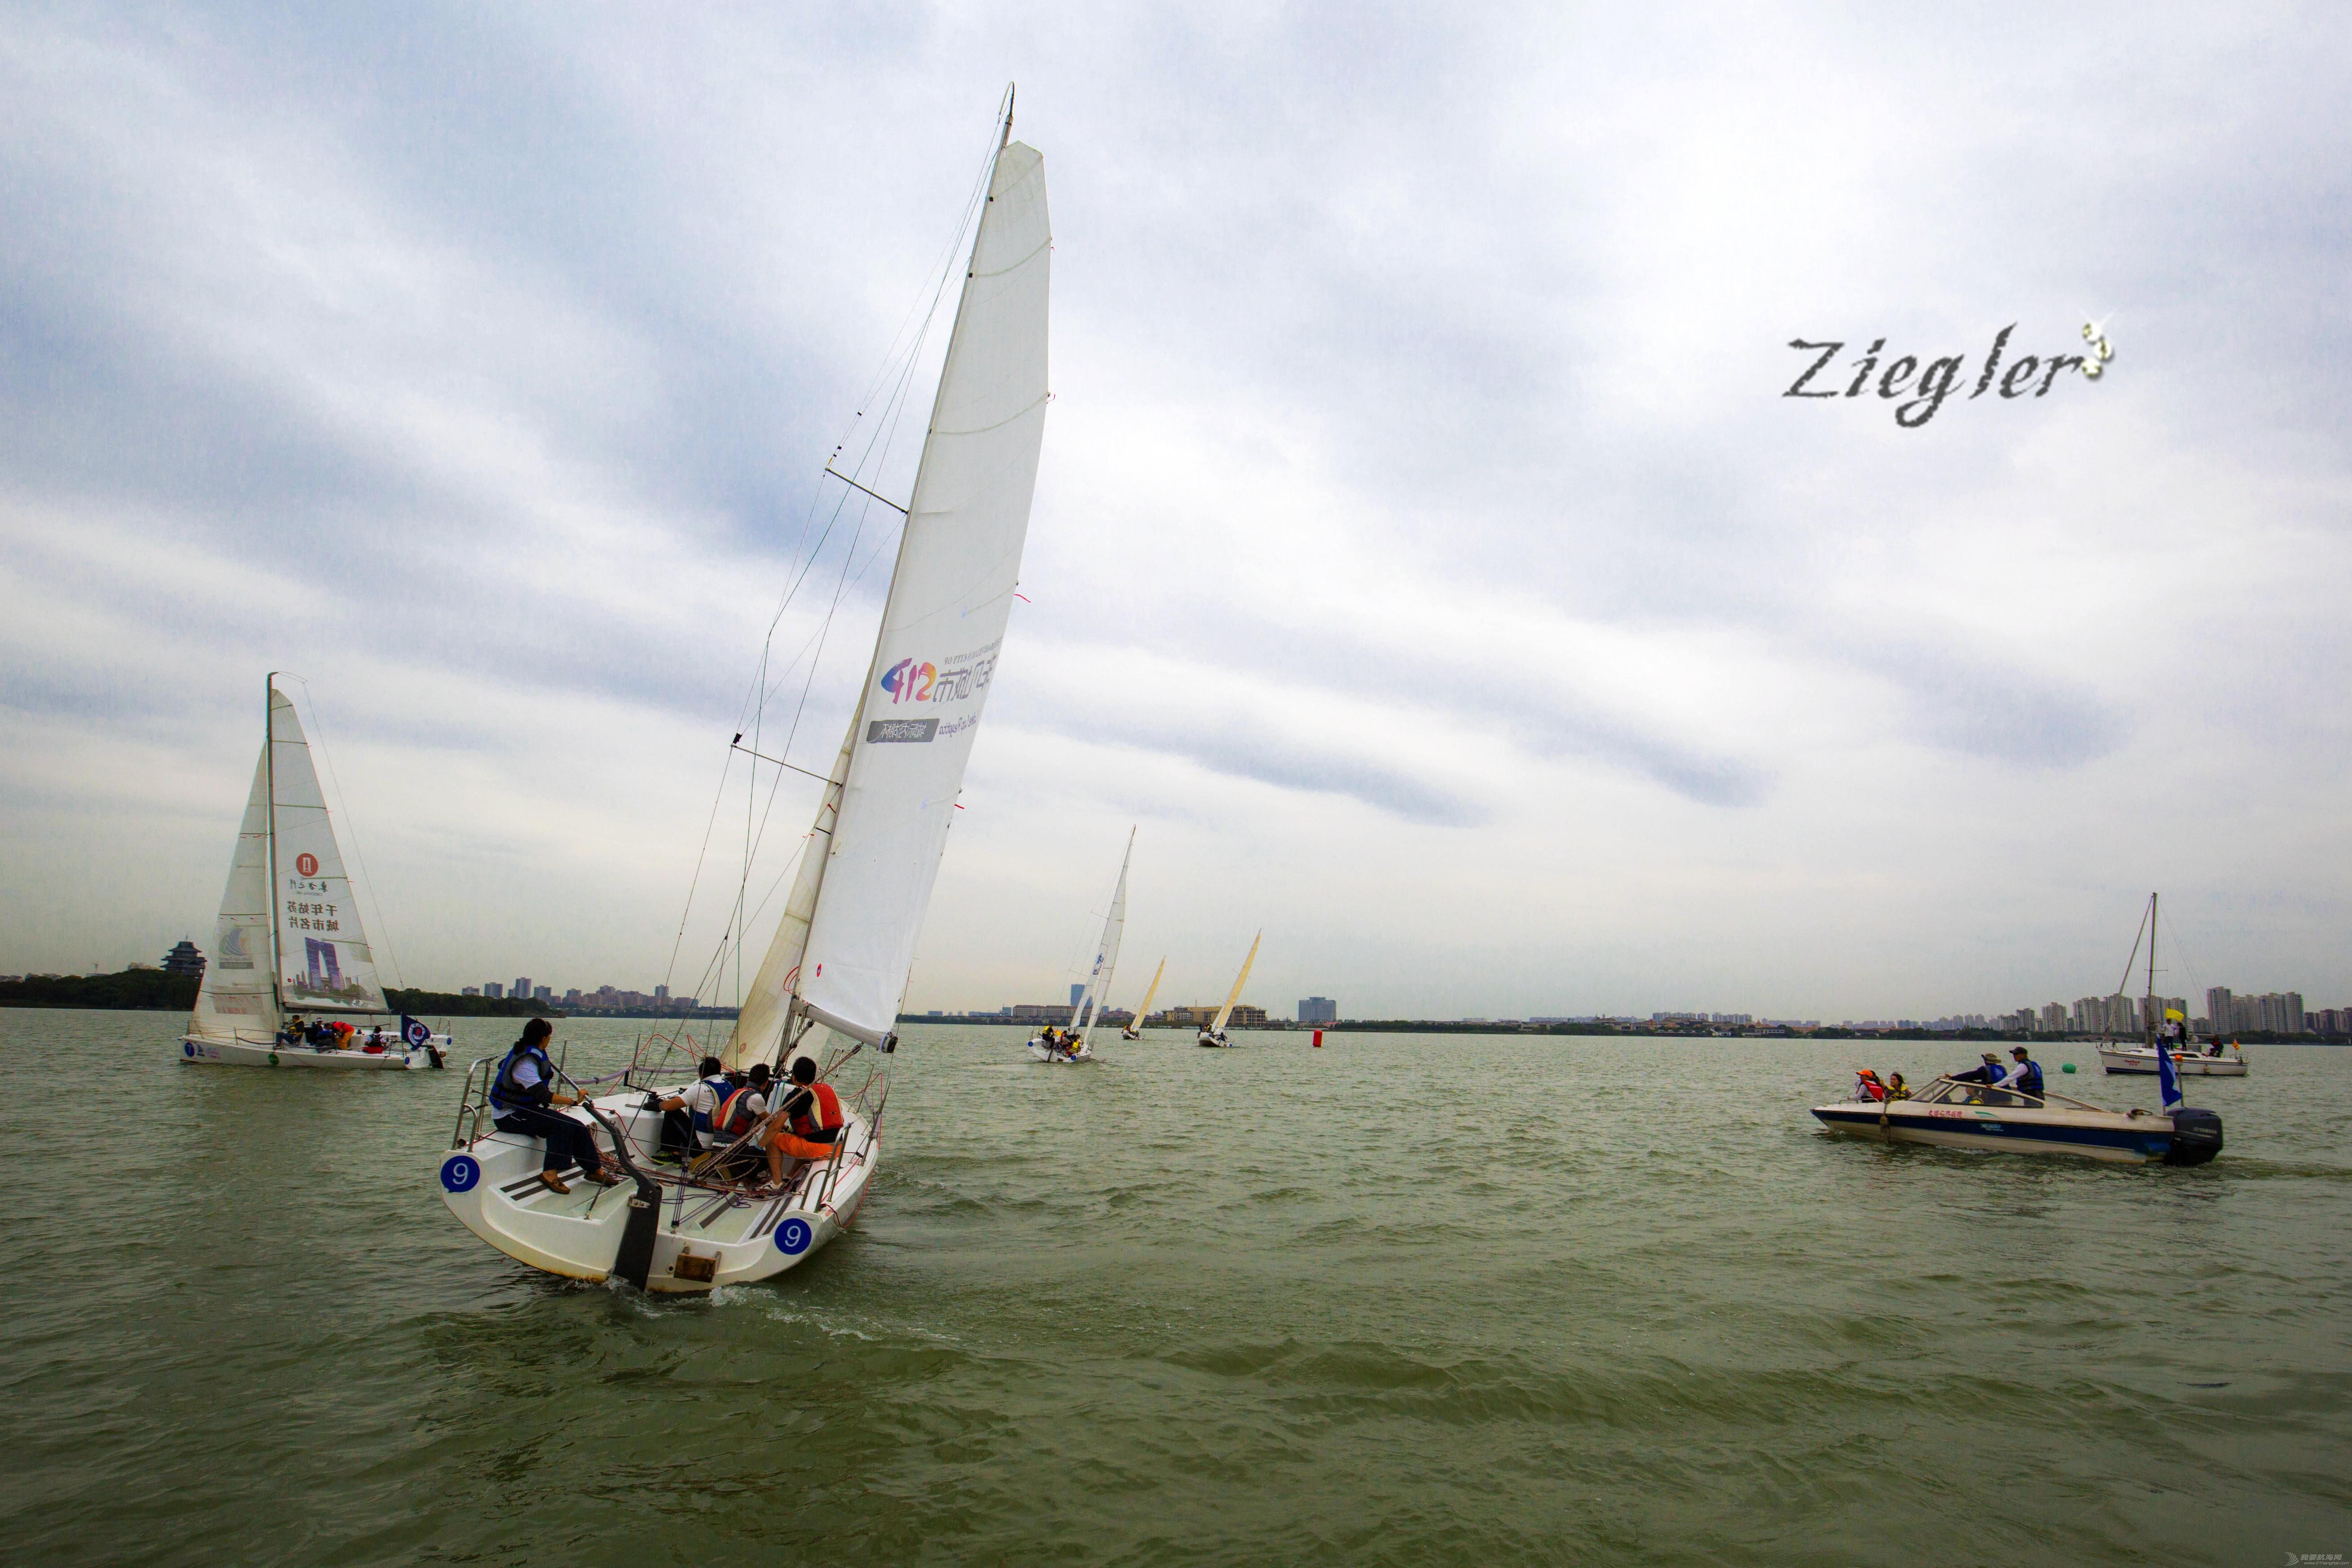 全新的世界,金鸡 风起湖上-城际内湖杯帆船赛 2016-10-17